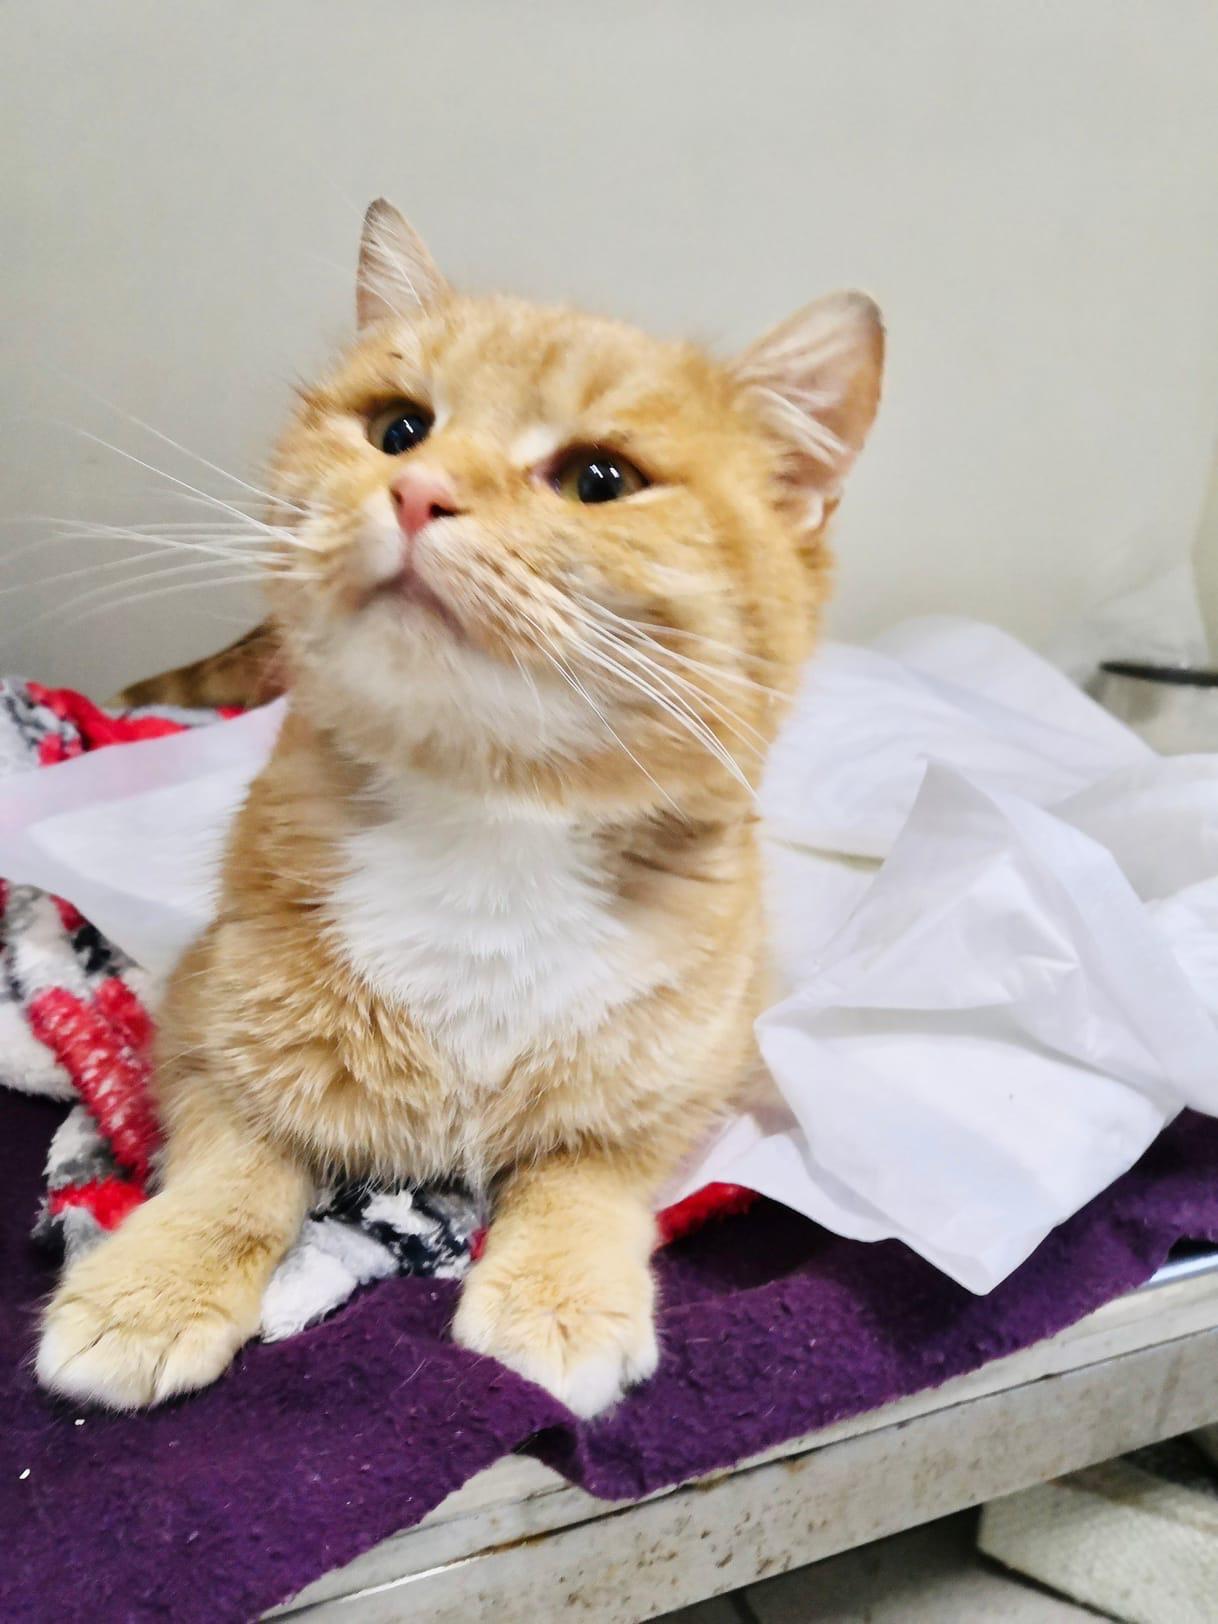 Тверской кот, выживший после выстрела в голову, поехал лечиться в Москву